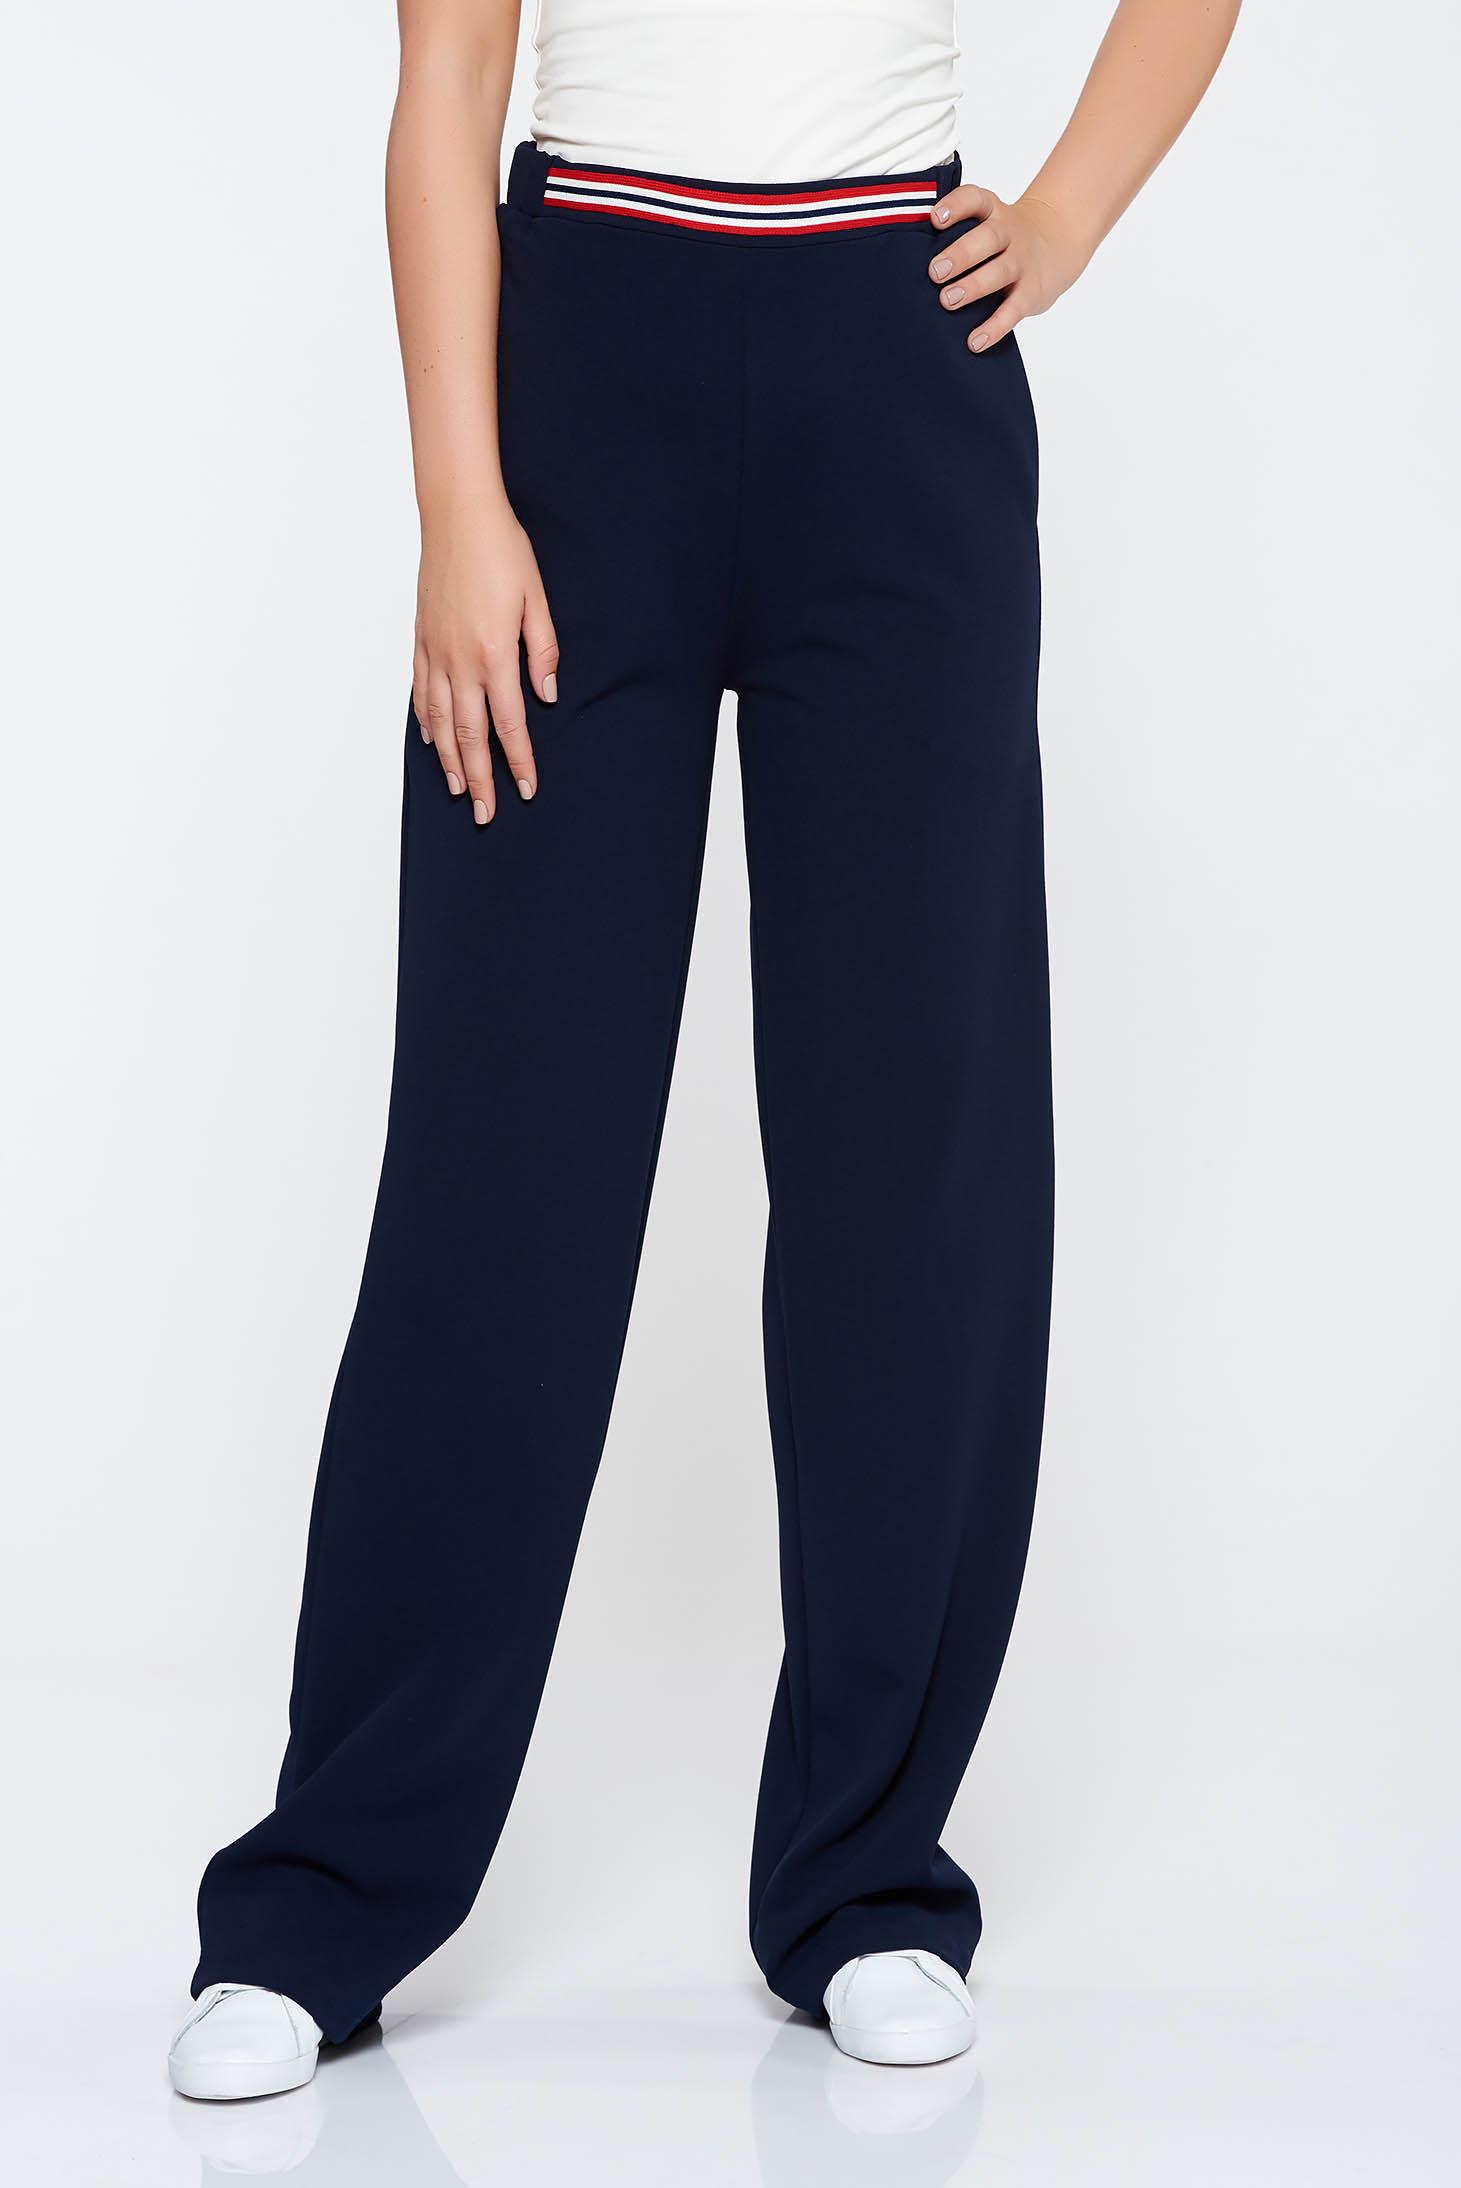 Pantaloni StarShinerS albastru-inchis casual evazati cu talie medie din material elastic cu buzunare